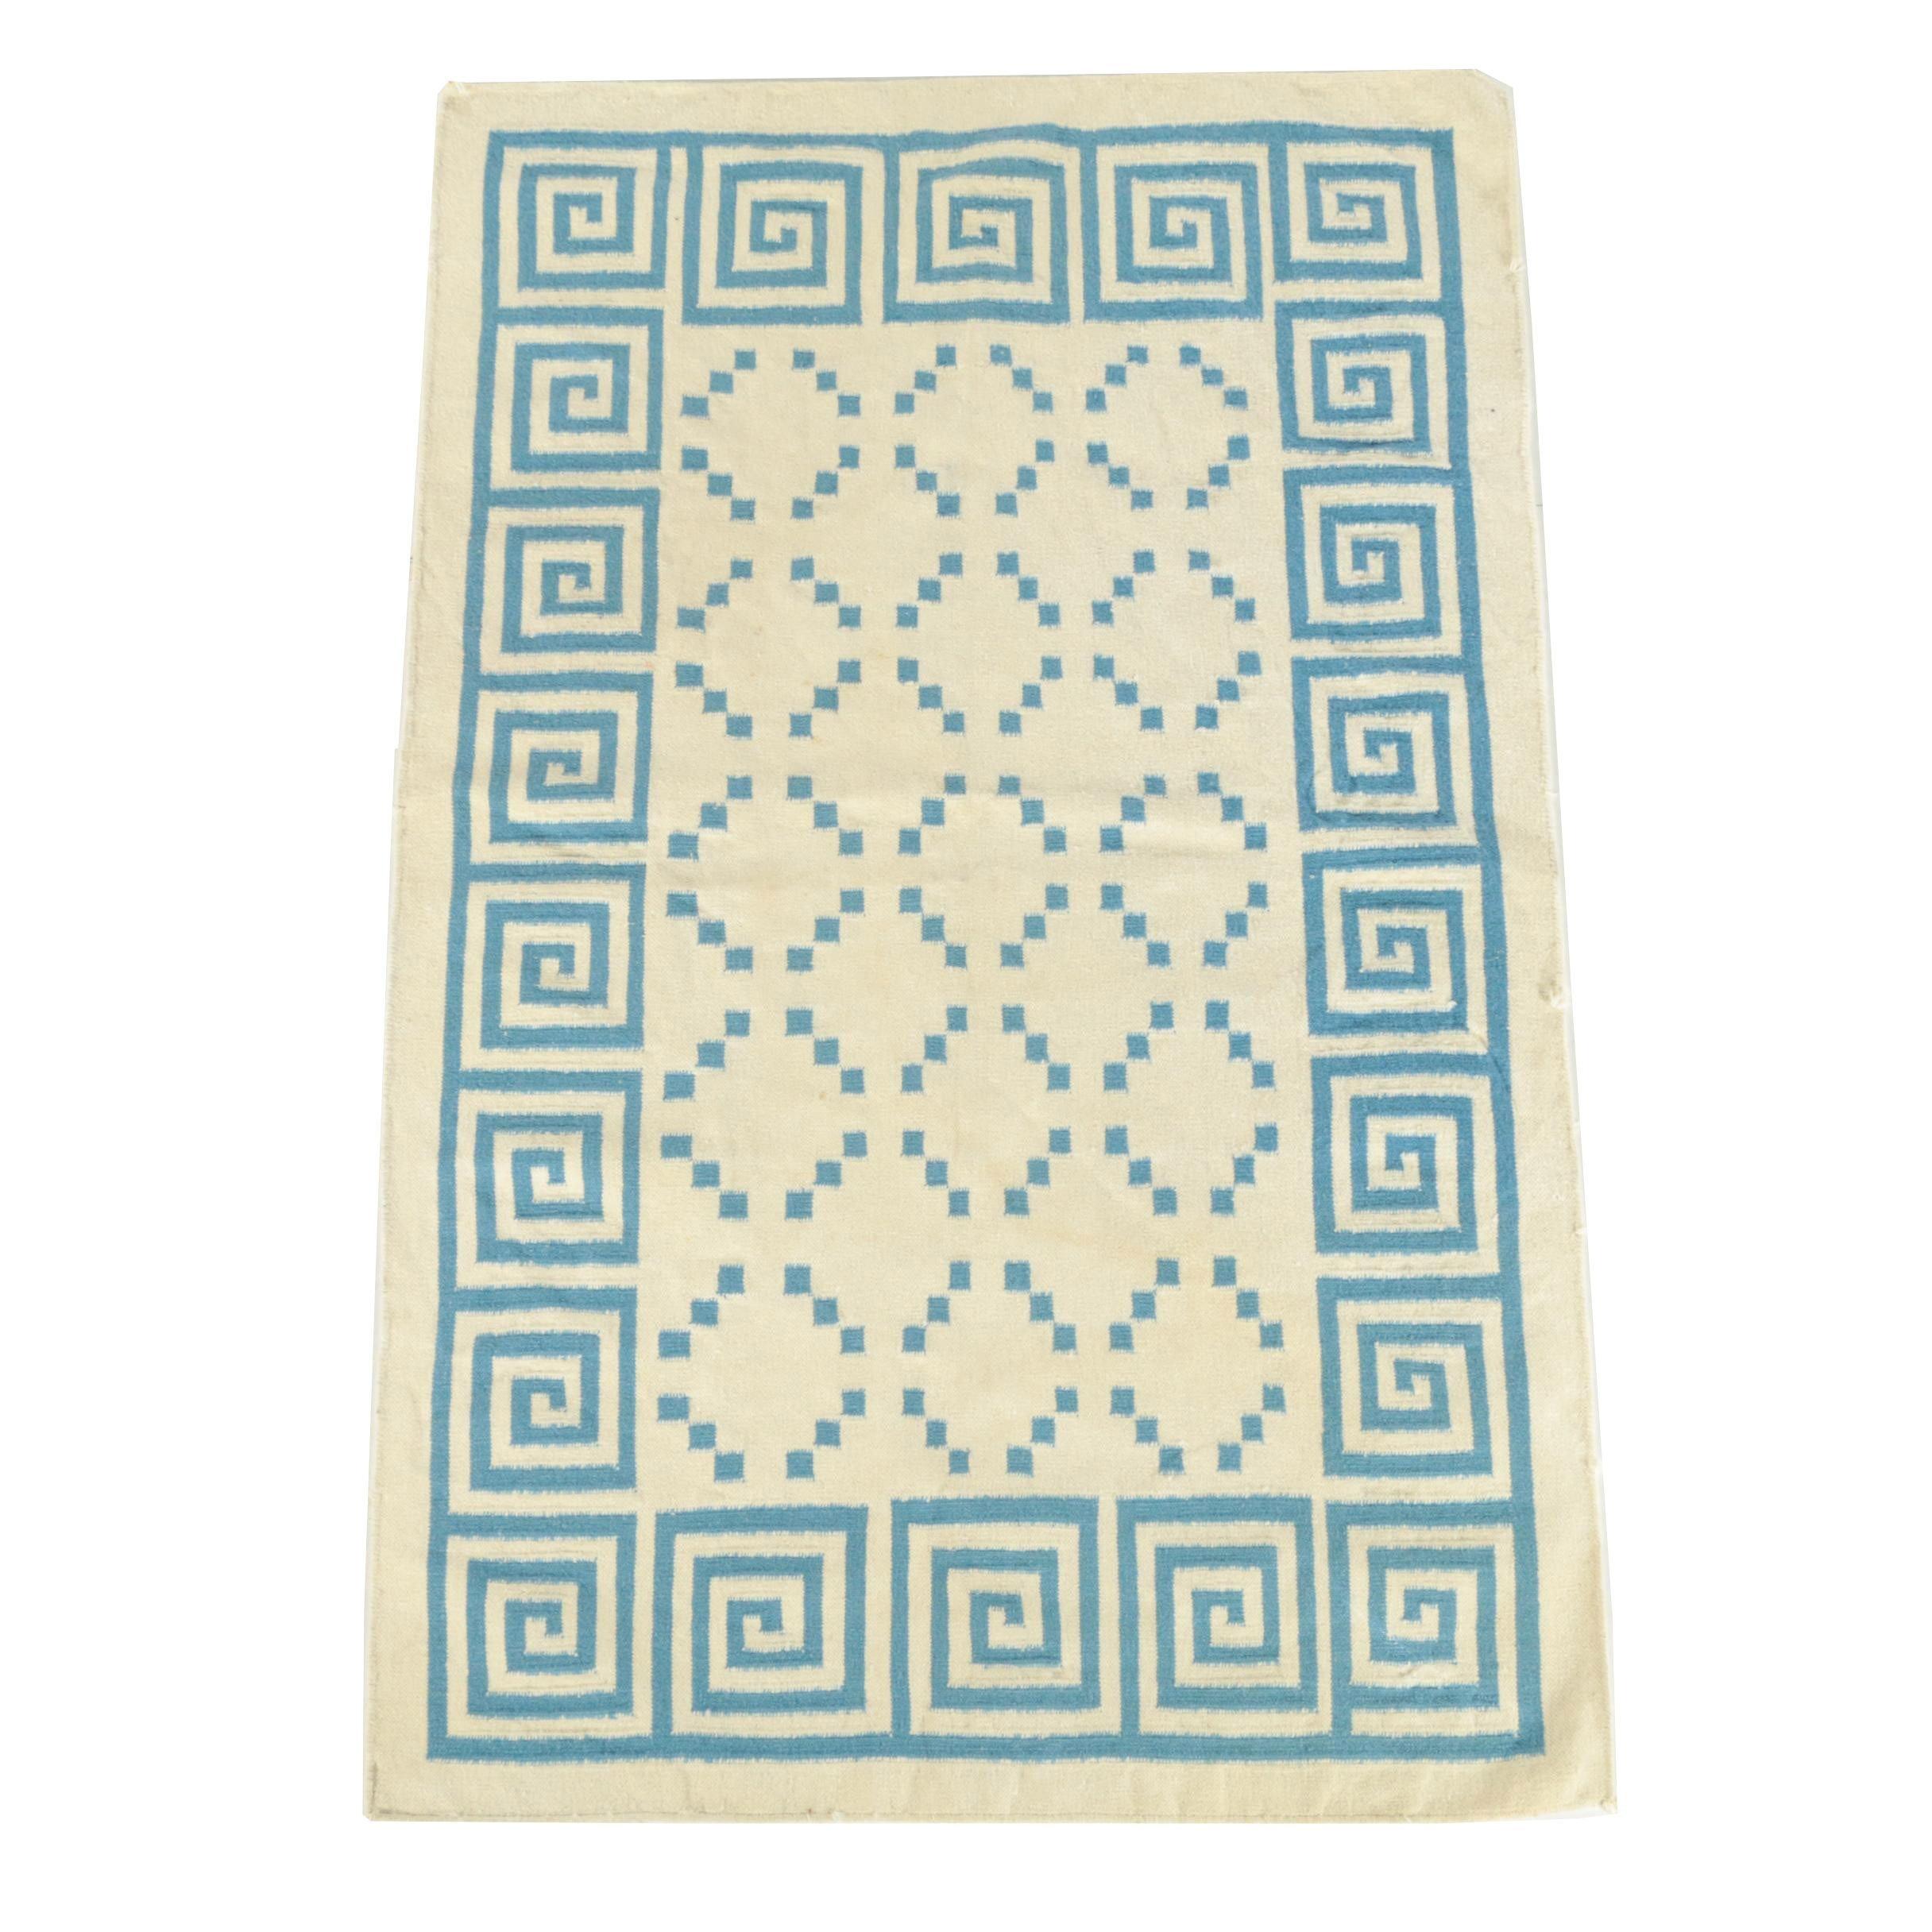 Handwoven Indian Dhurrie Wool Rug